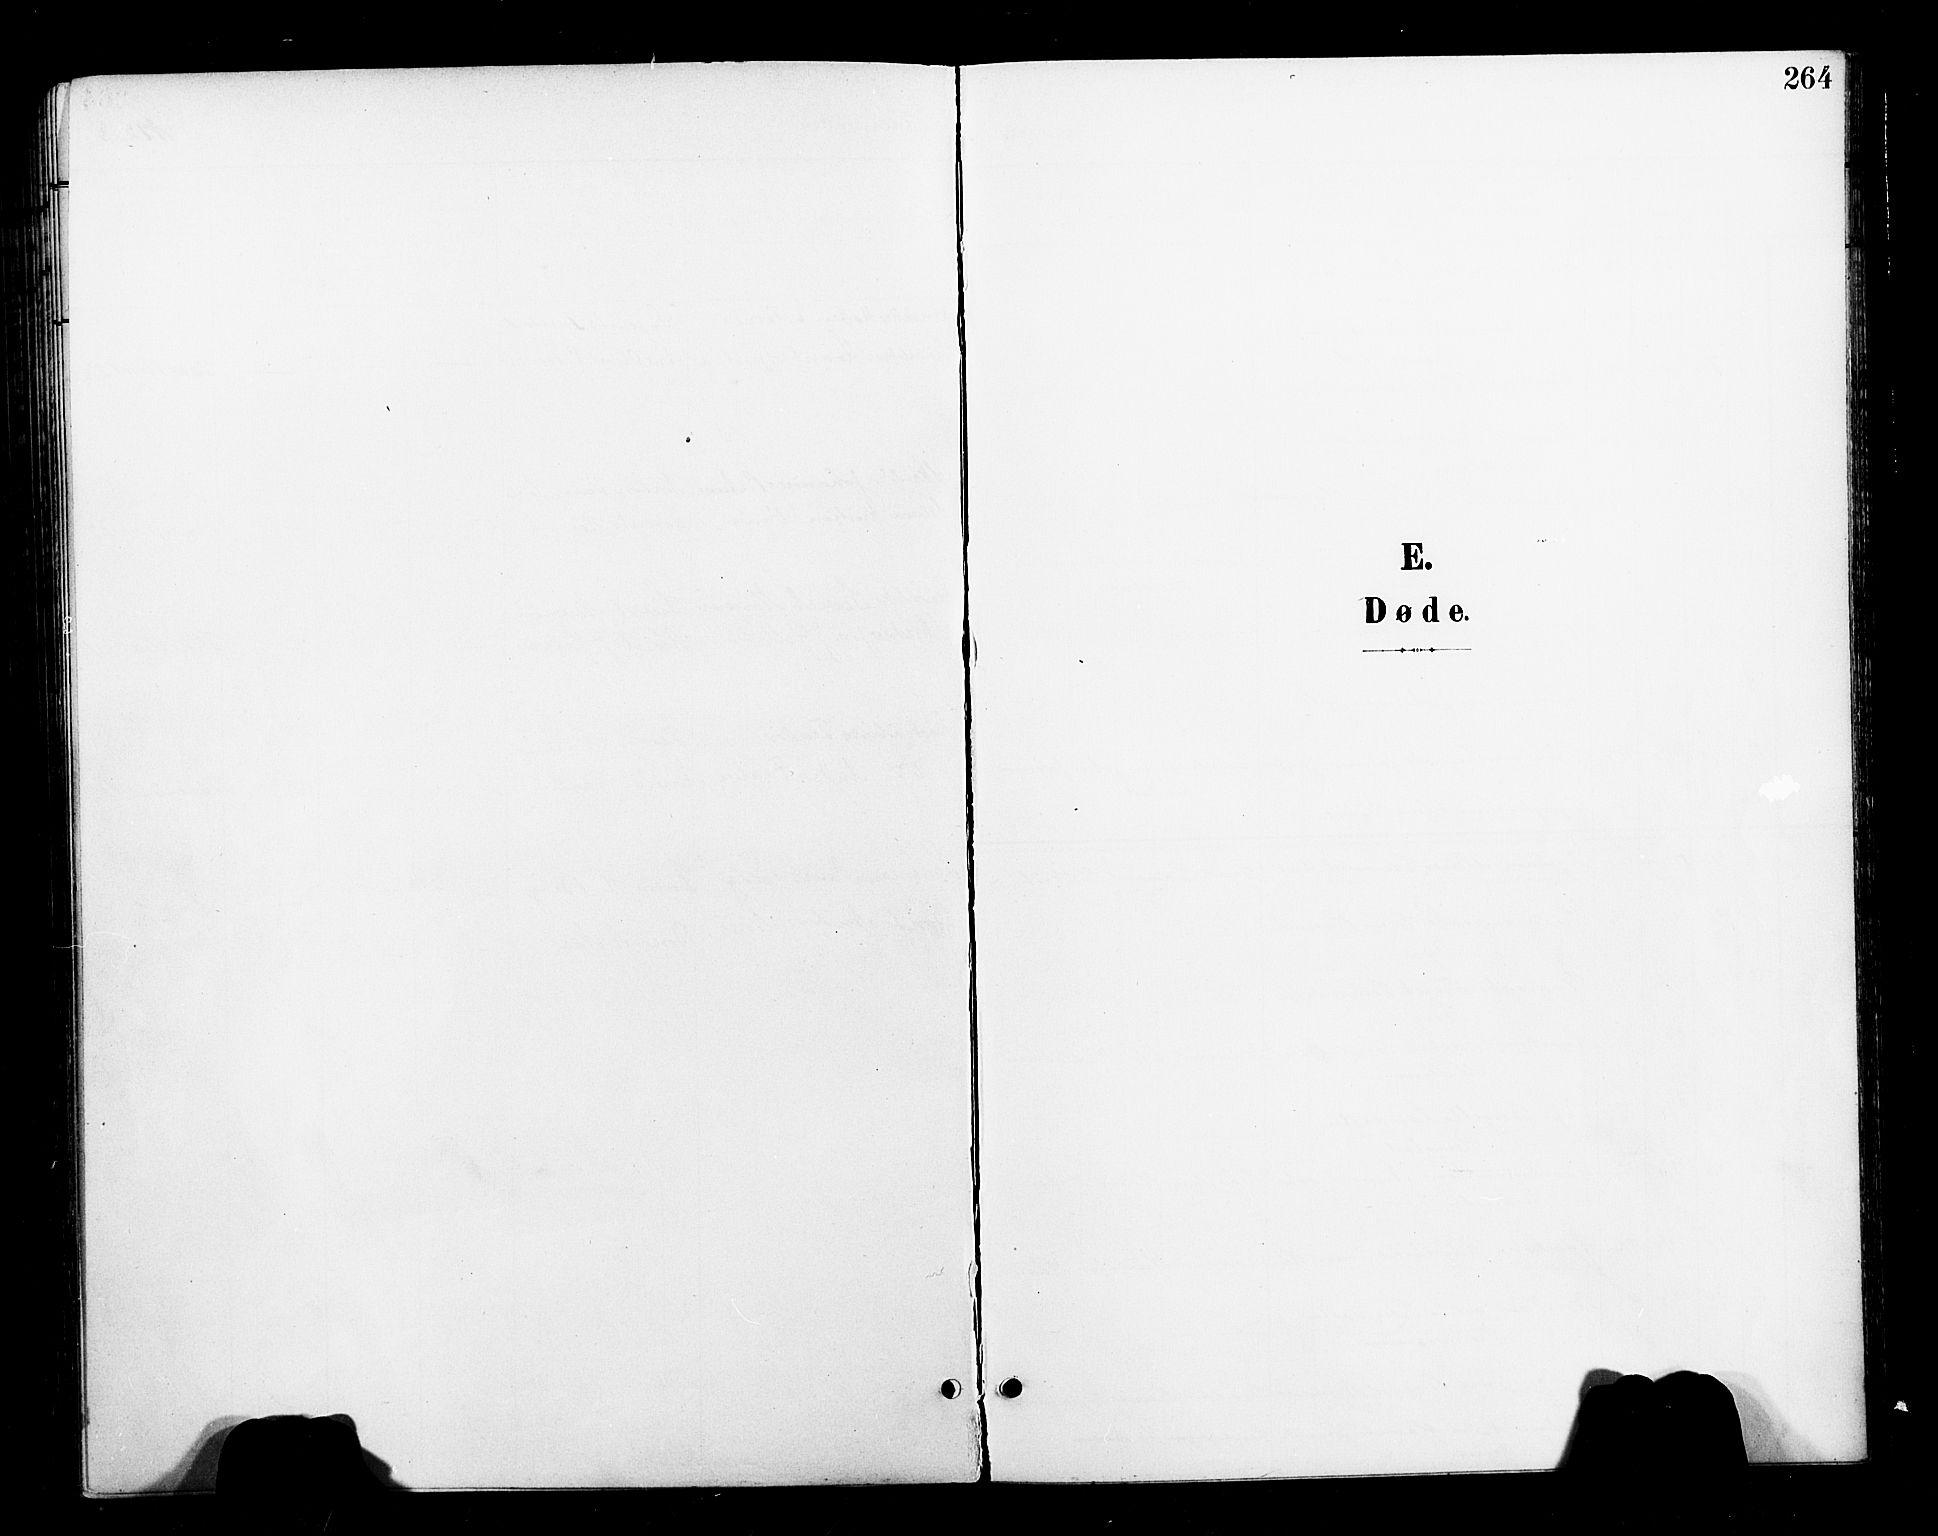 SAT, Ministerialprotokoller, klokkerbøker og fødselsregistre - Nord-Trøndelag, 730/L0302: Klokkerbok nr. 730C05, 1898-1924, s. 264